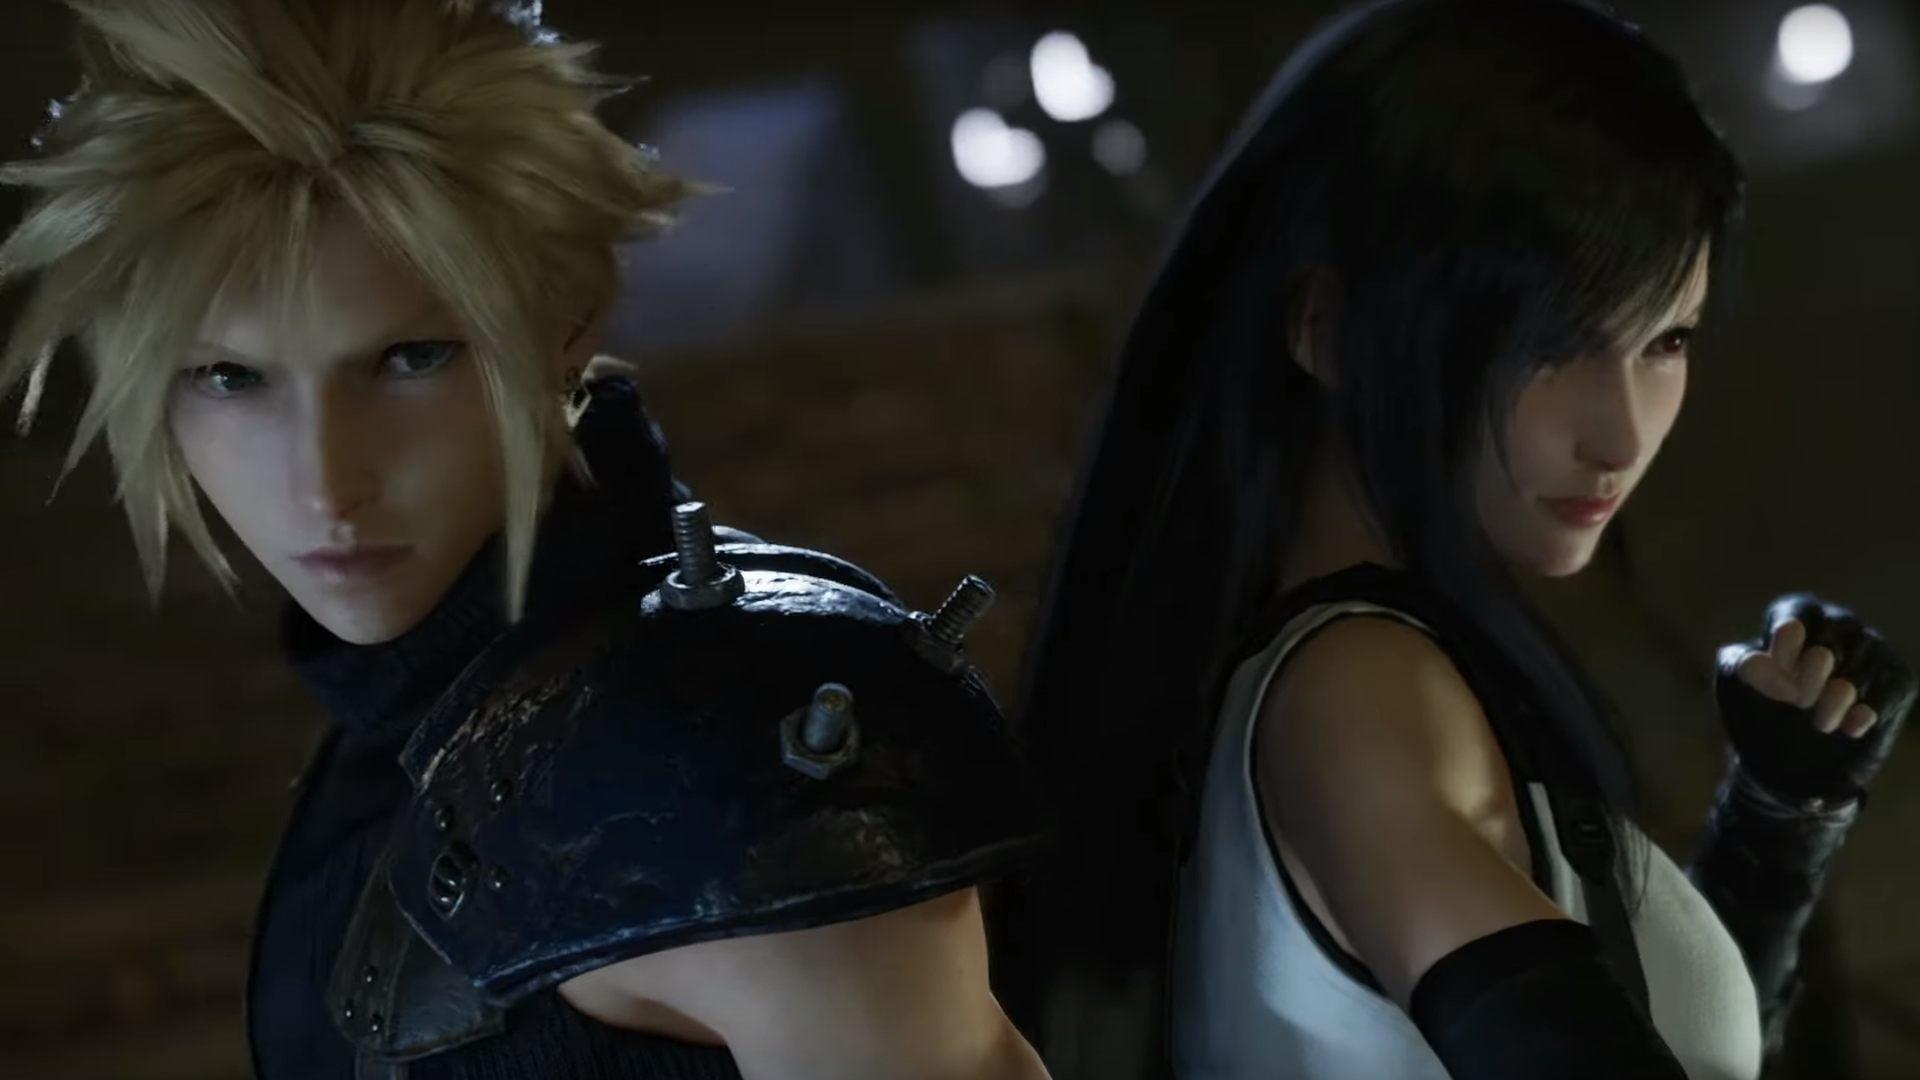 لیست تروفیهای بازی Final Fantasy VII Remake منتشر شد